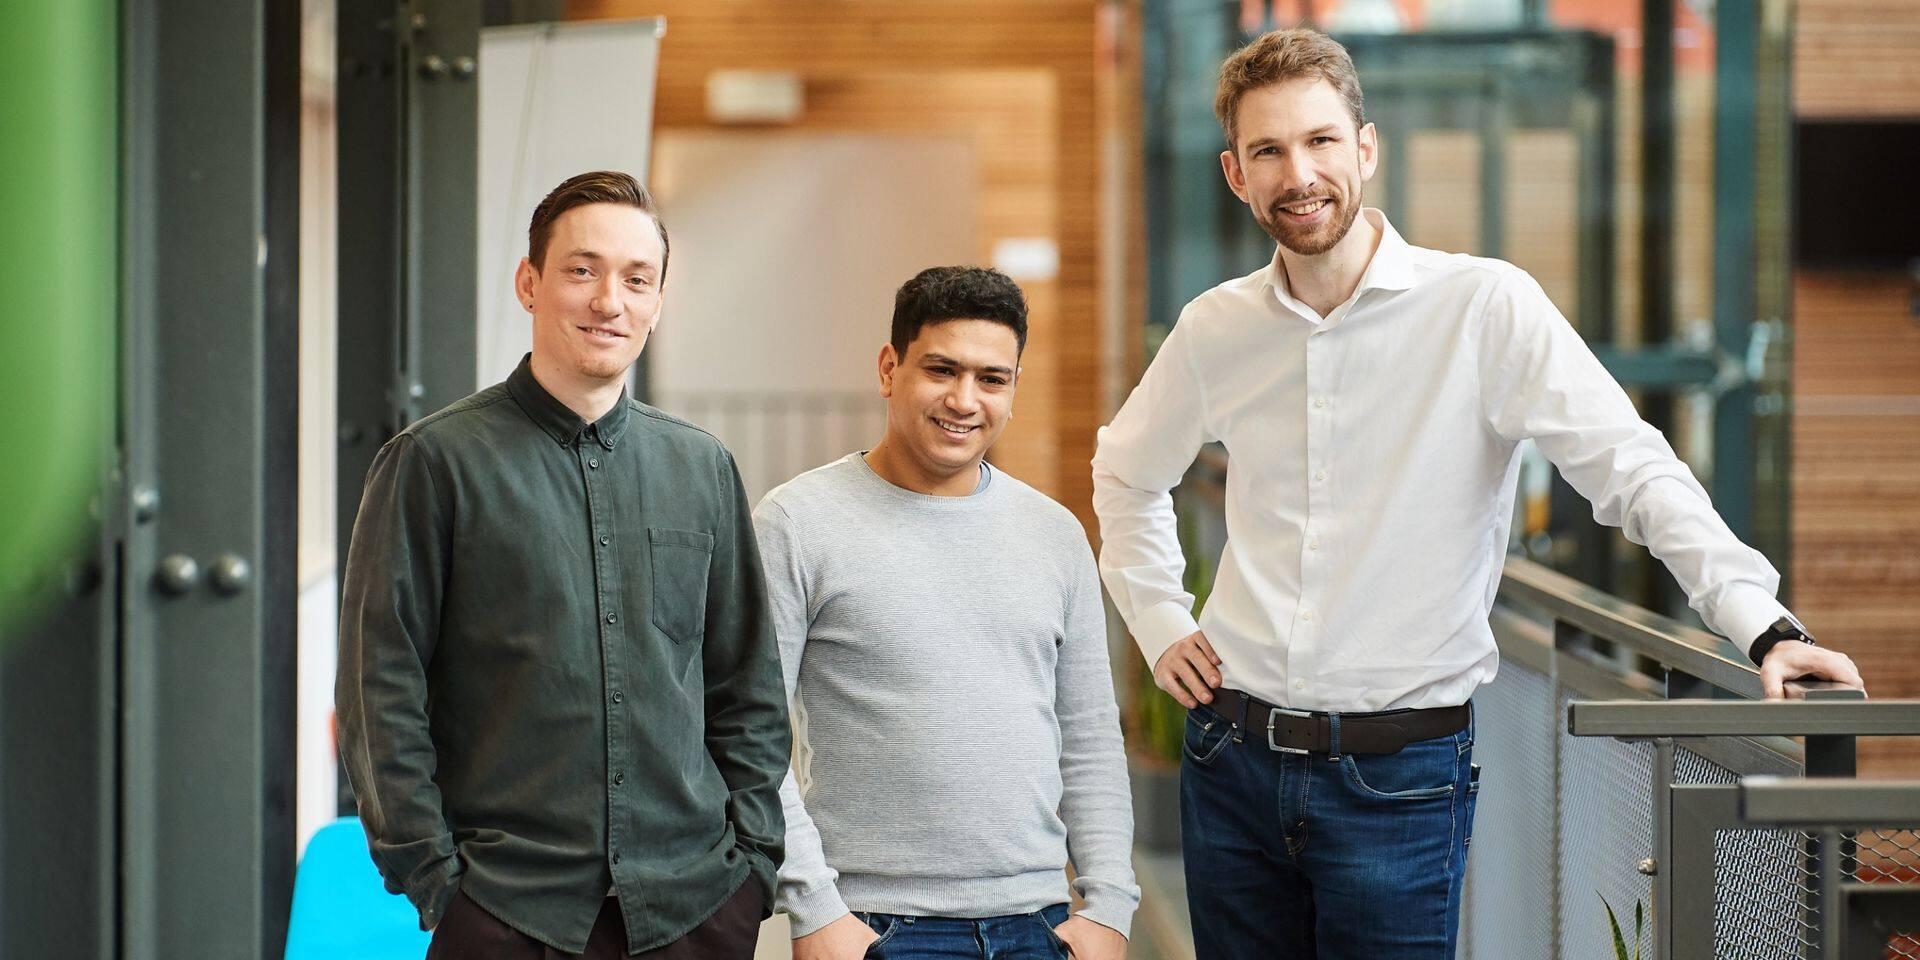 De gauche à droite: Alexandre McCormack (CEO), Zineddine Wakrim (CTO) et Grégoire de Hemptinne (COO).